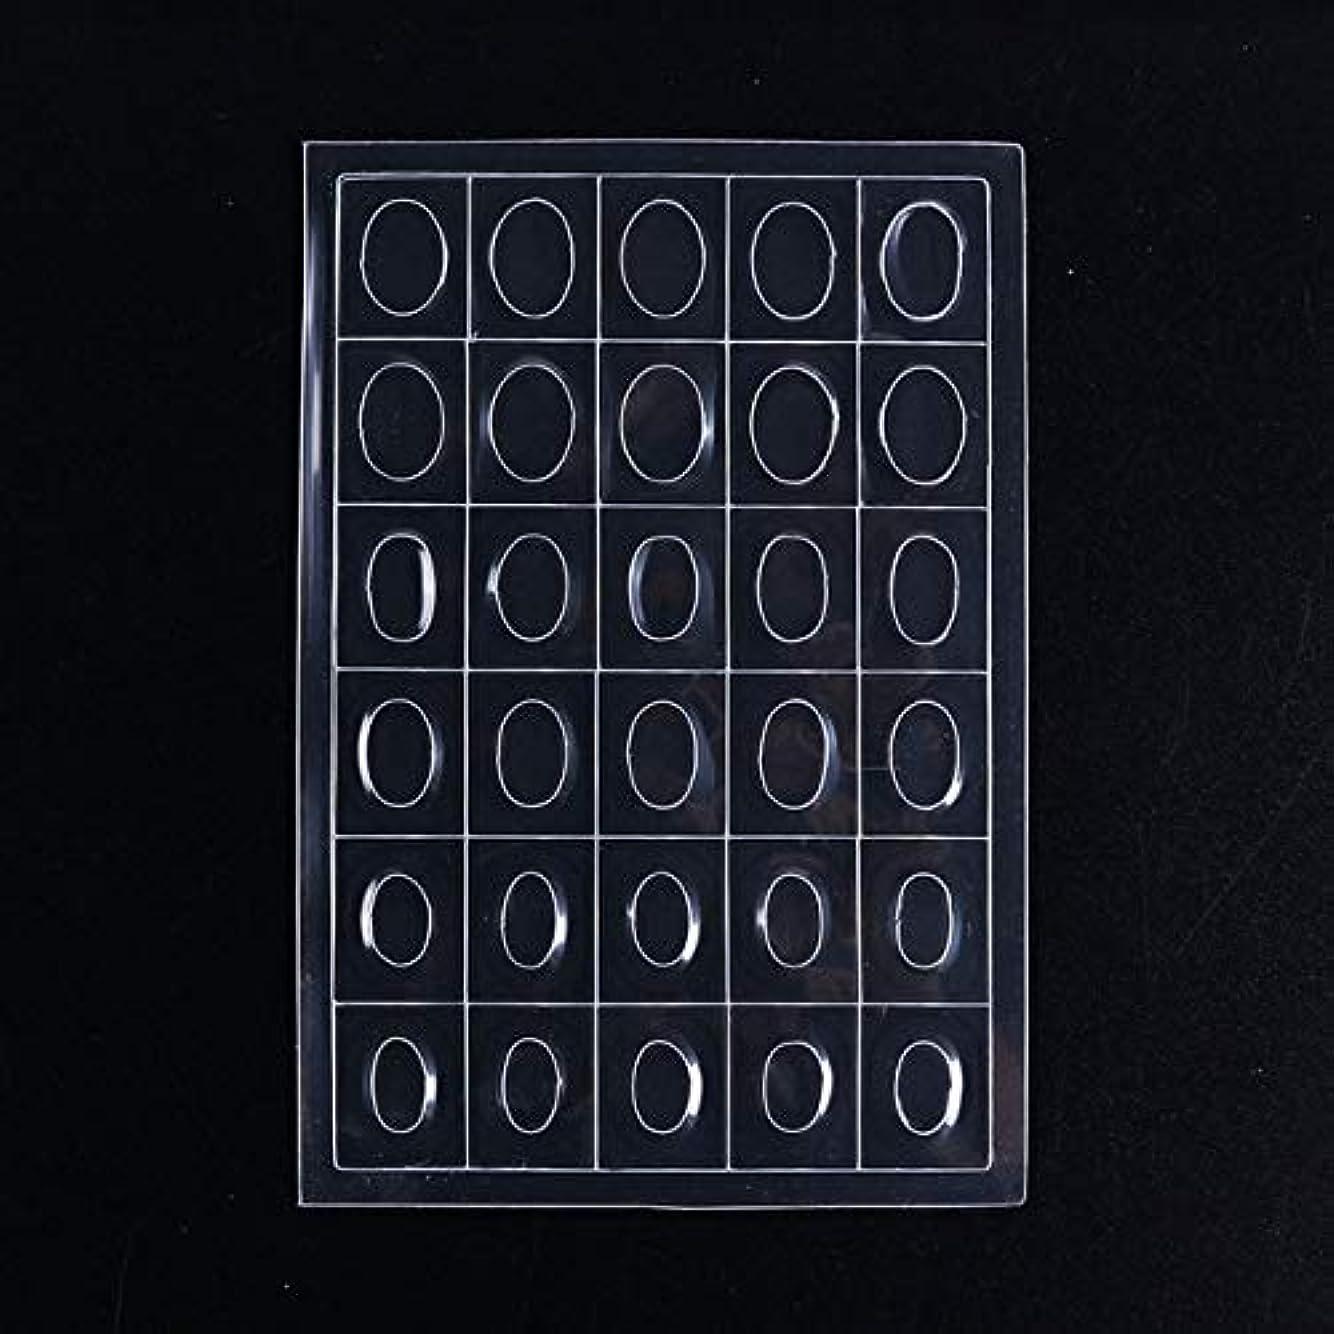 手のひら熟達した残り物SUKTI&XIAO ネイルステッカー 1ピース3Dネイルステッカーデカール宝石ダイヤモンドネイルアートステンシル転送ガイド装飾菱形オーバルモデリングスライダーマニキュアJi783